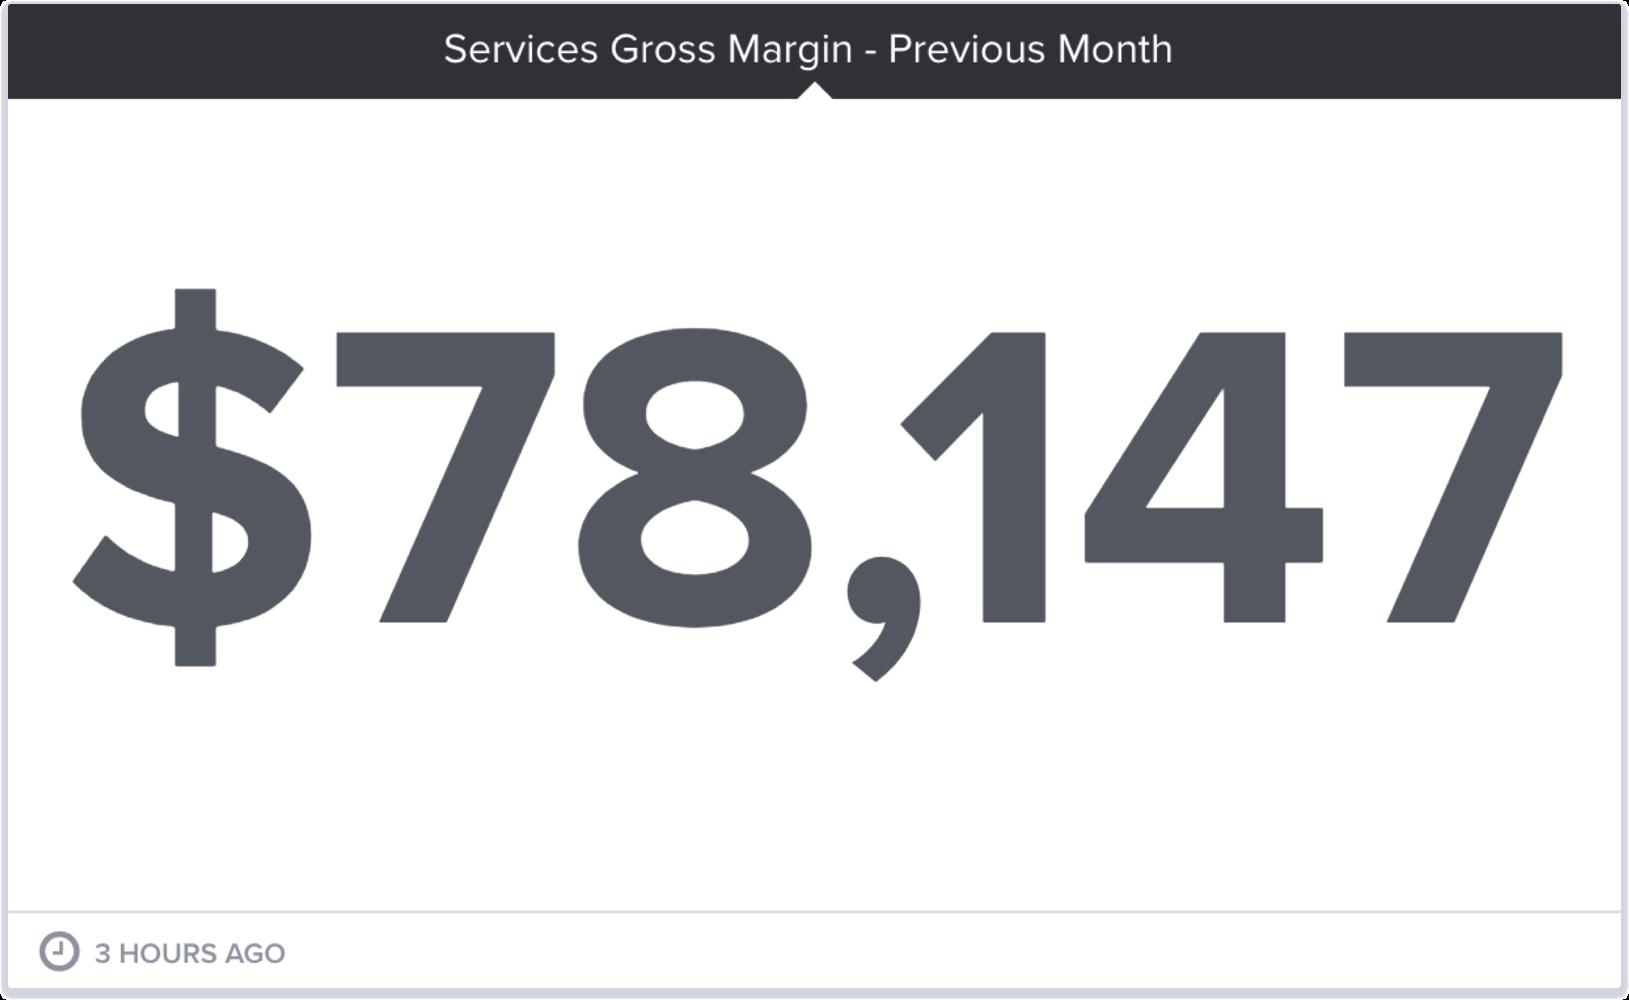 brightgauge-services-gross-margin-gauge.png